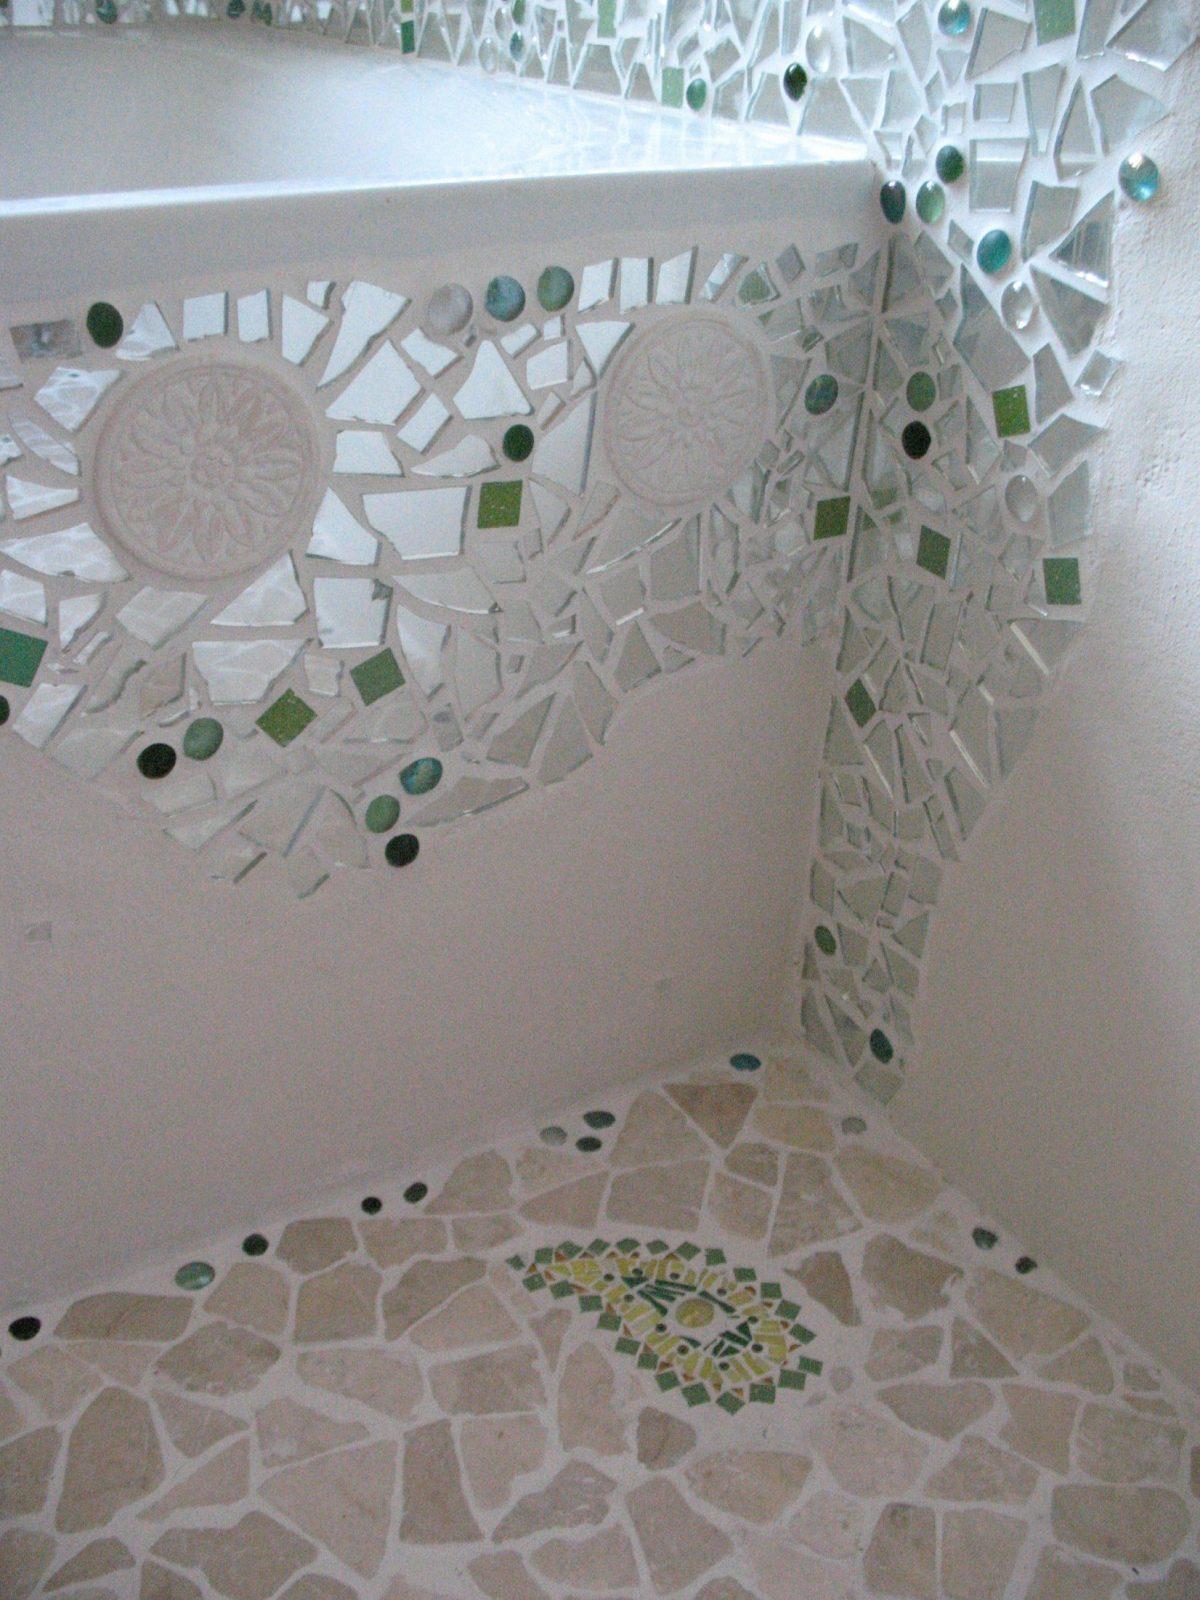 Gallery Of Mosaik Im Garten Badezimmer Renovieren Selber Machen Avec von Spiegel Mosaik Selber Machen Bild